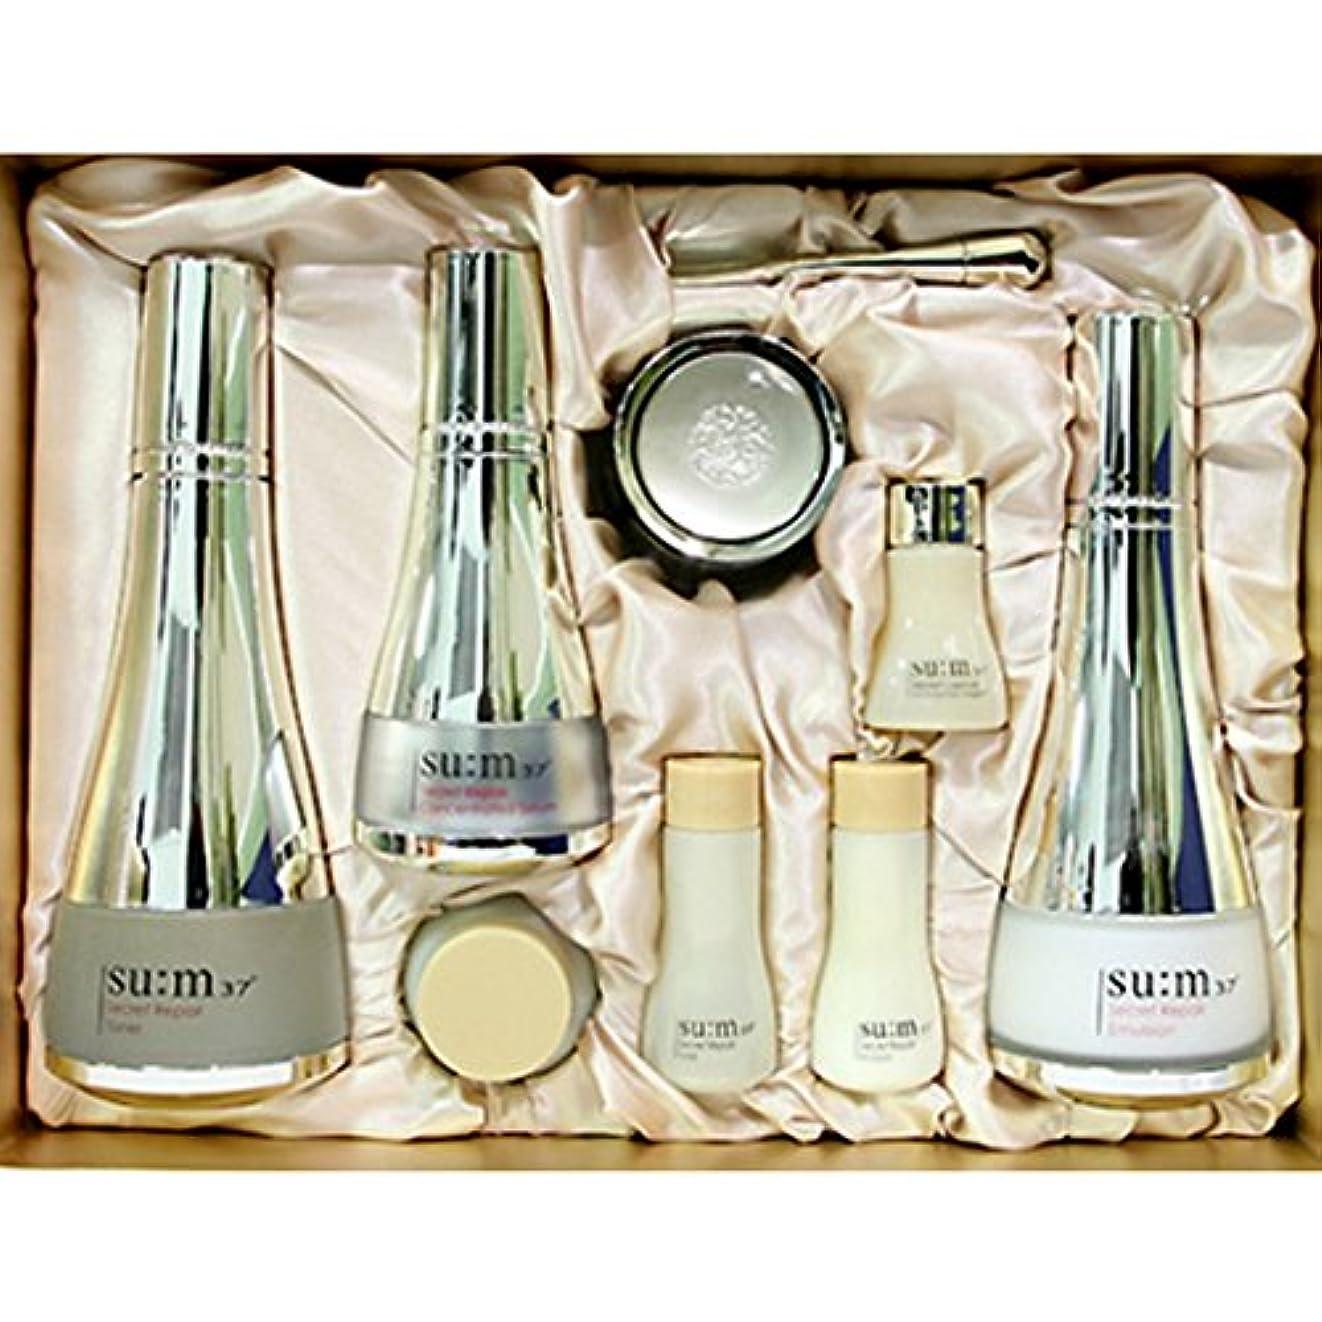 マザーランドビンリットル[su:m37/スム37°] SUM37 Secret Repair 3pcs Special Skincare Set/シークレットリペア3種セット+[Sample Gift](海外直送品)